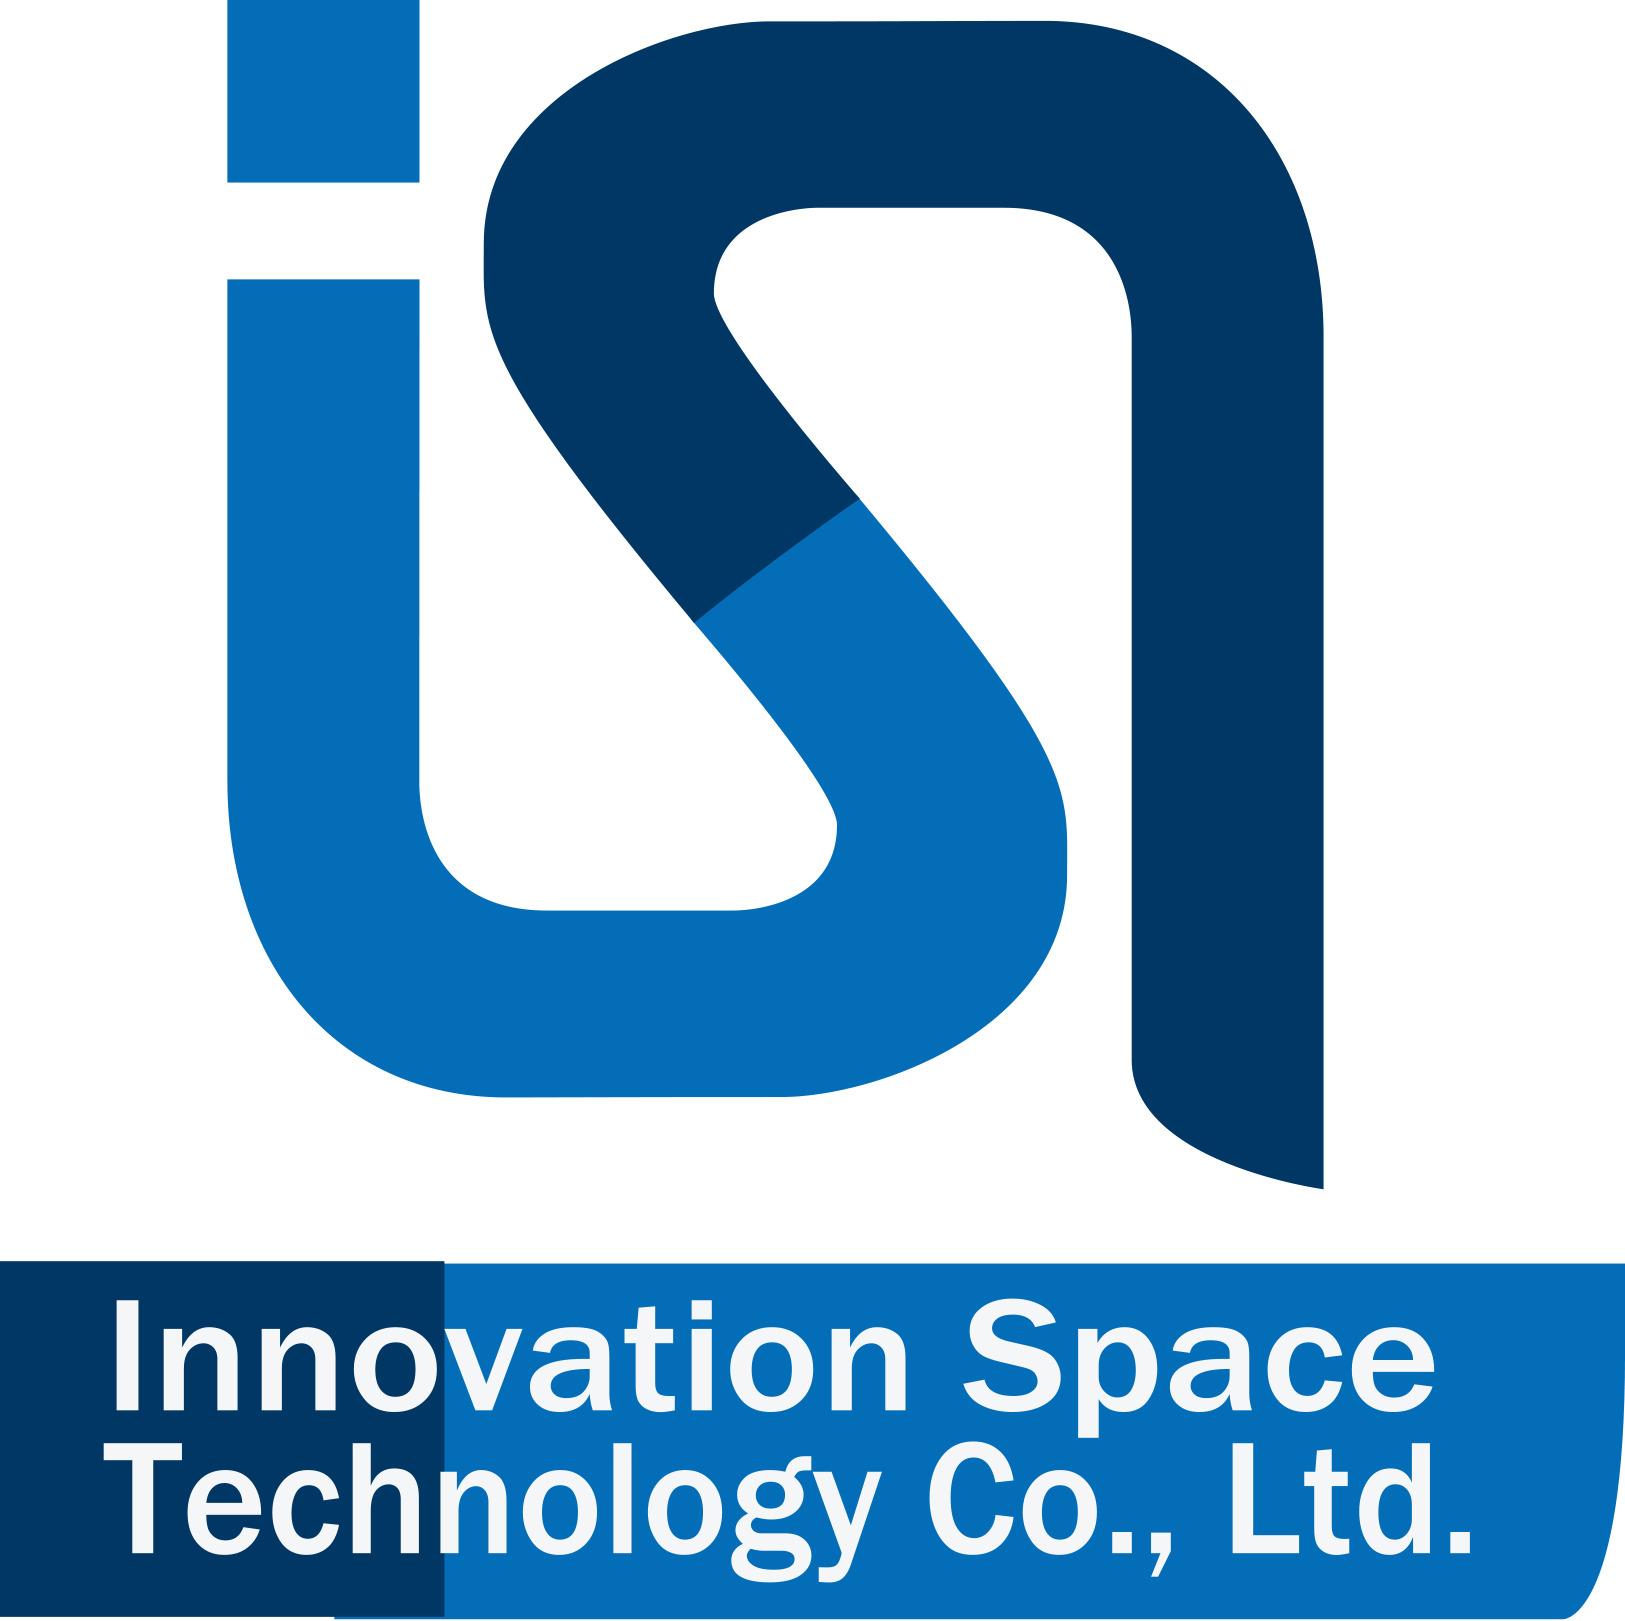 Innovation Space Technology Co., Ltd.